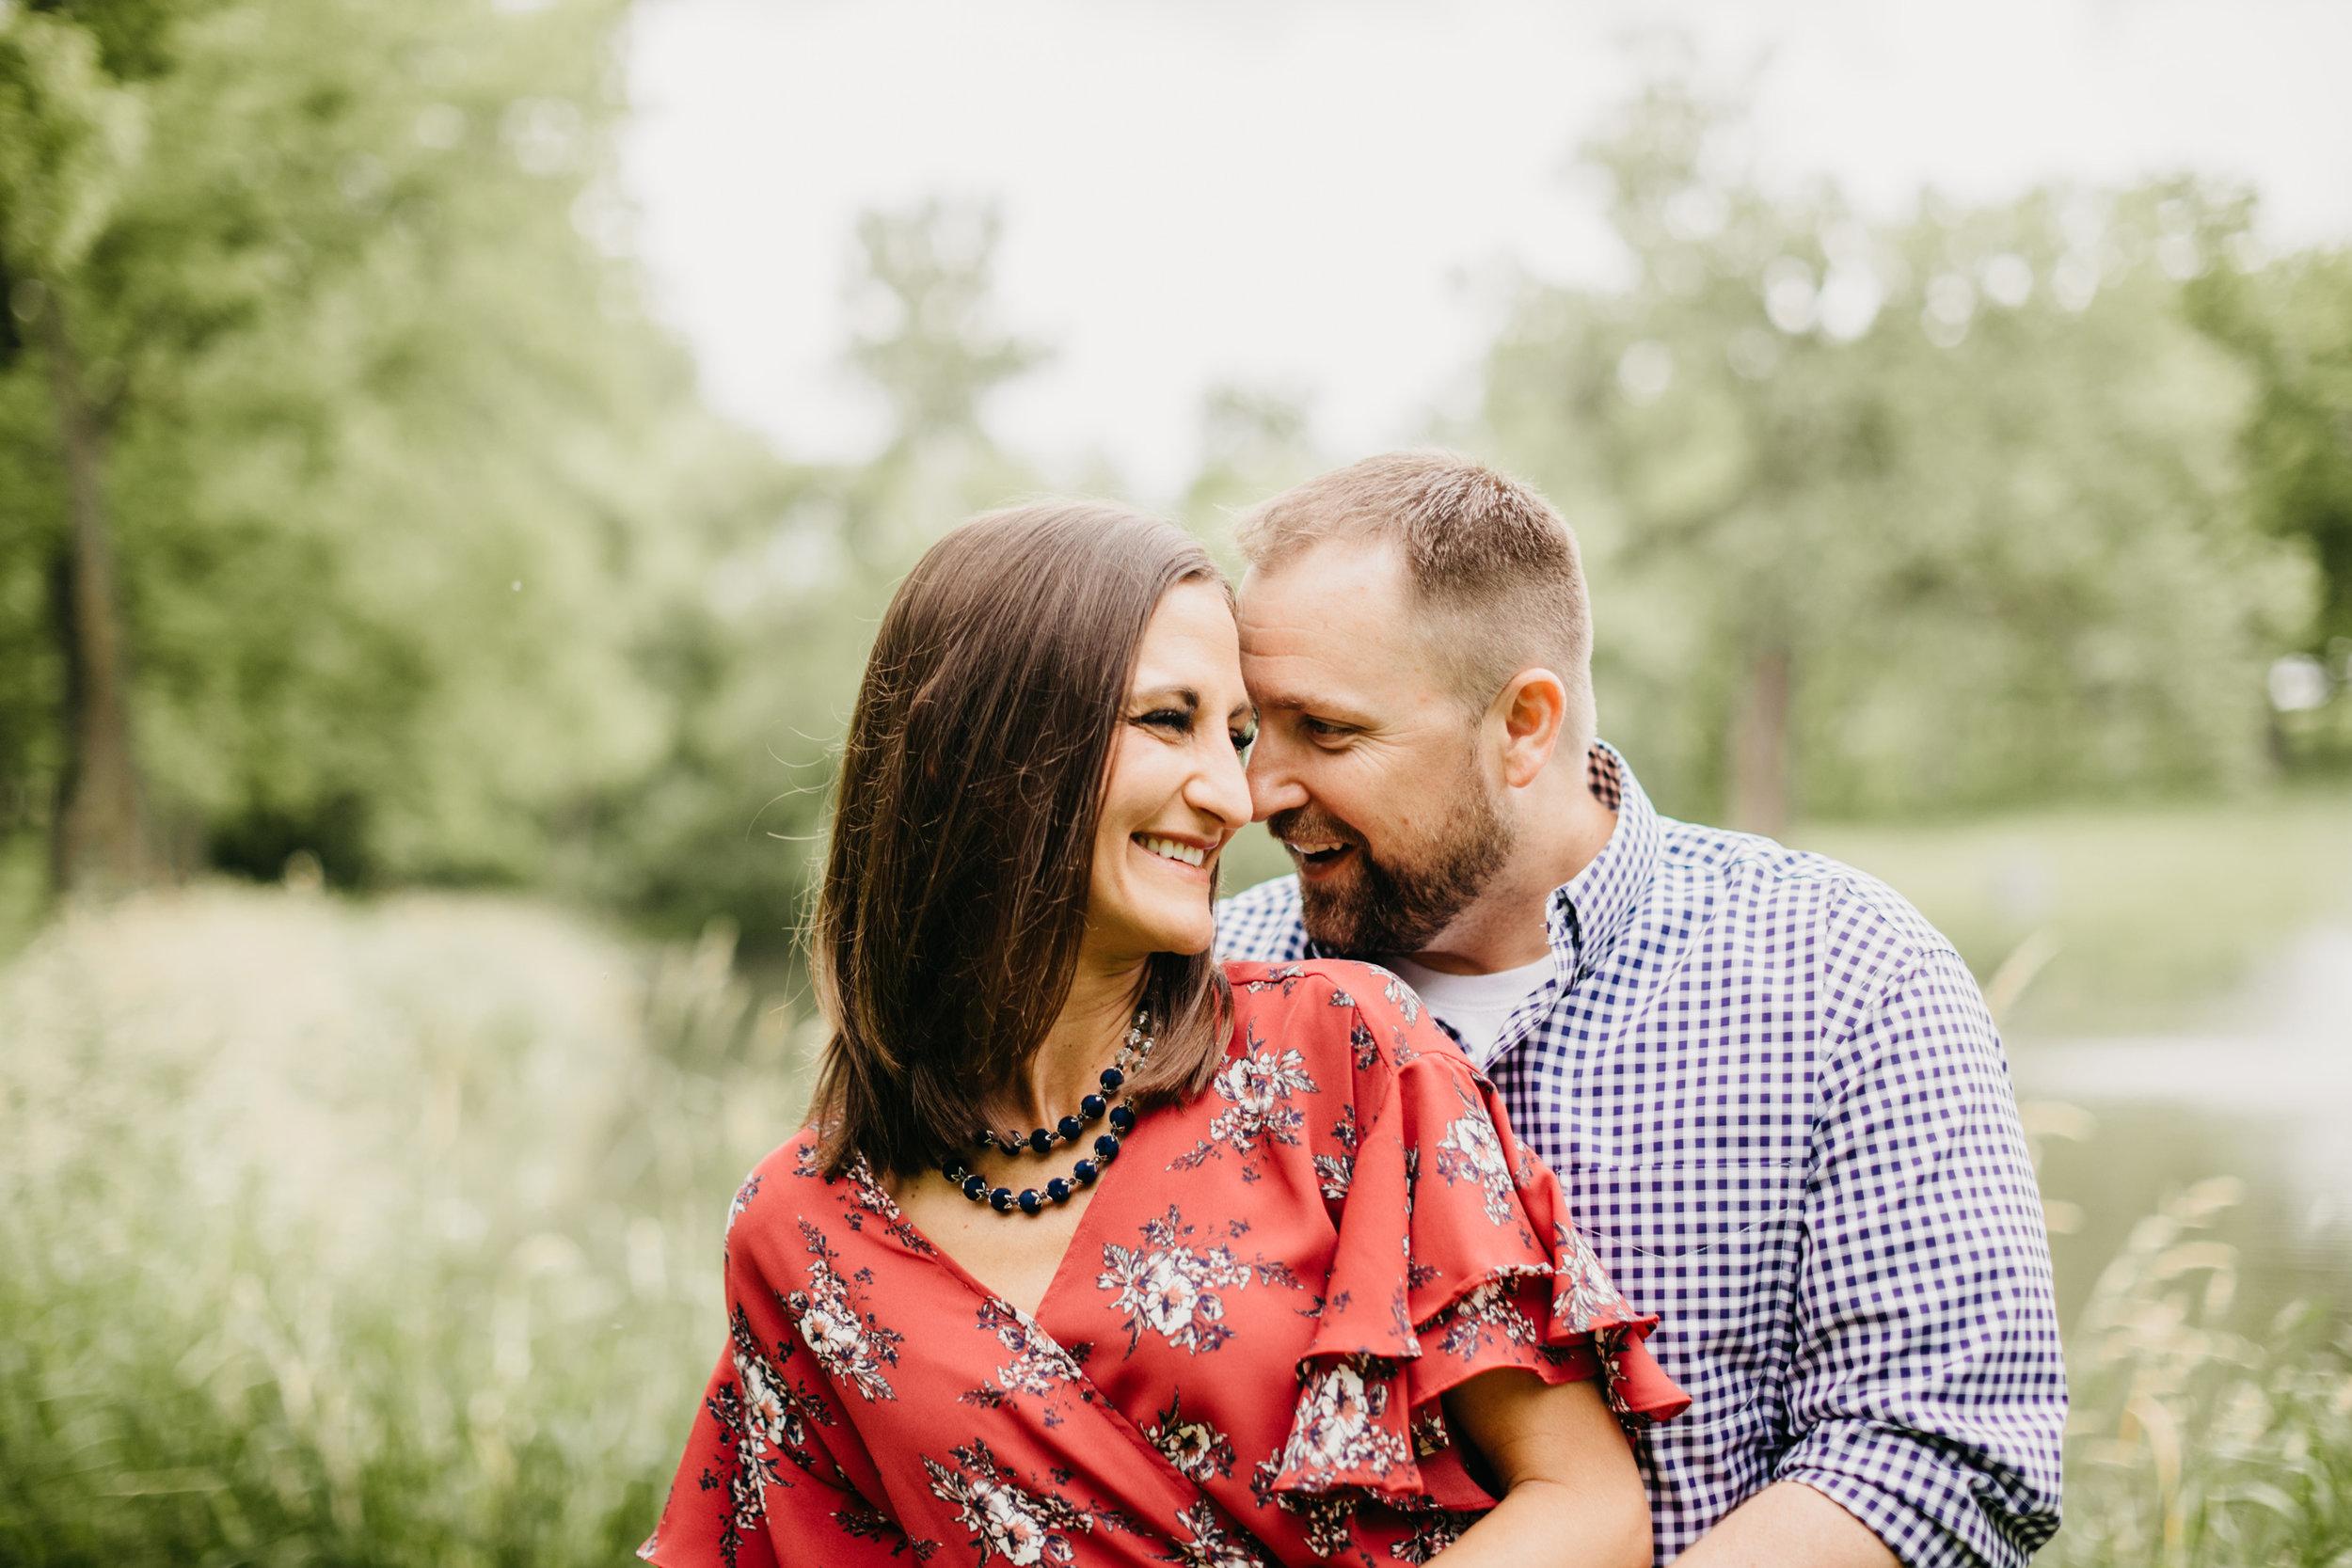 KaylaAndMichael-Engaged-38.jpg